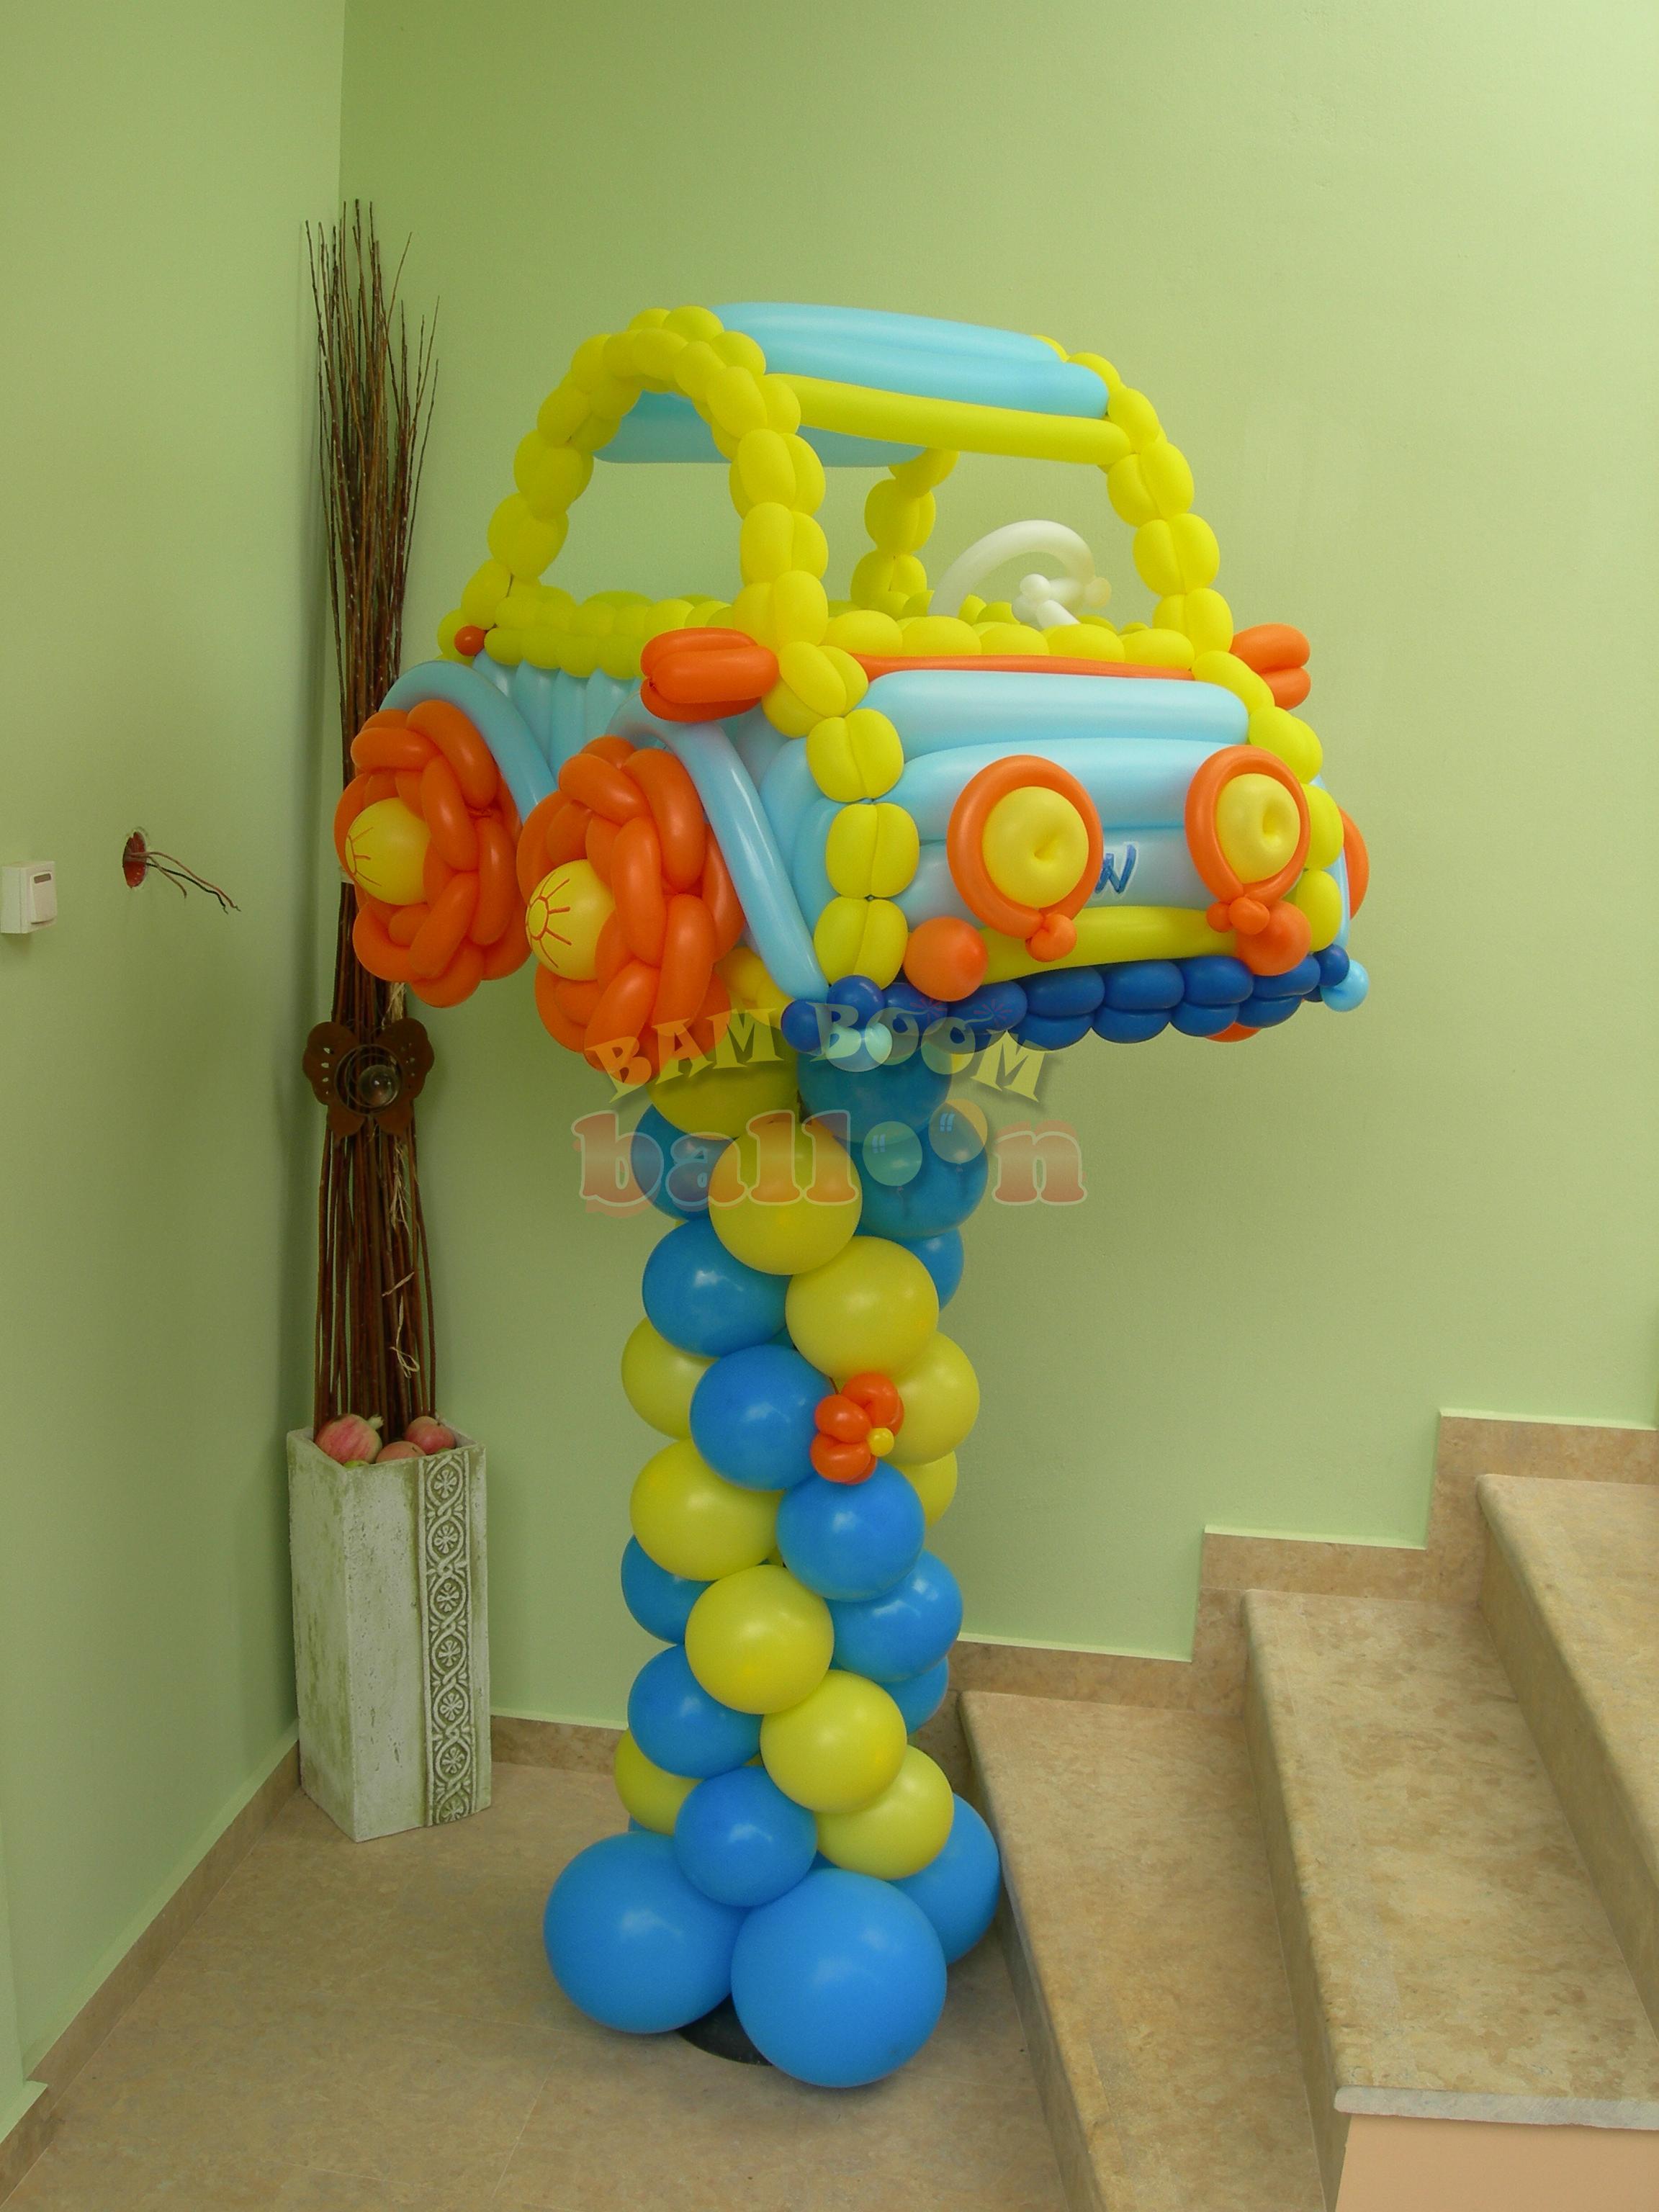 Αυτοκινητάκι σε στήλη